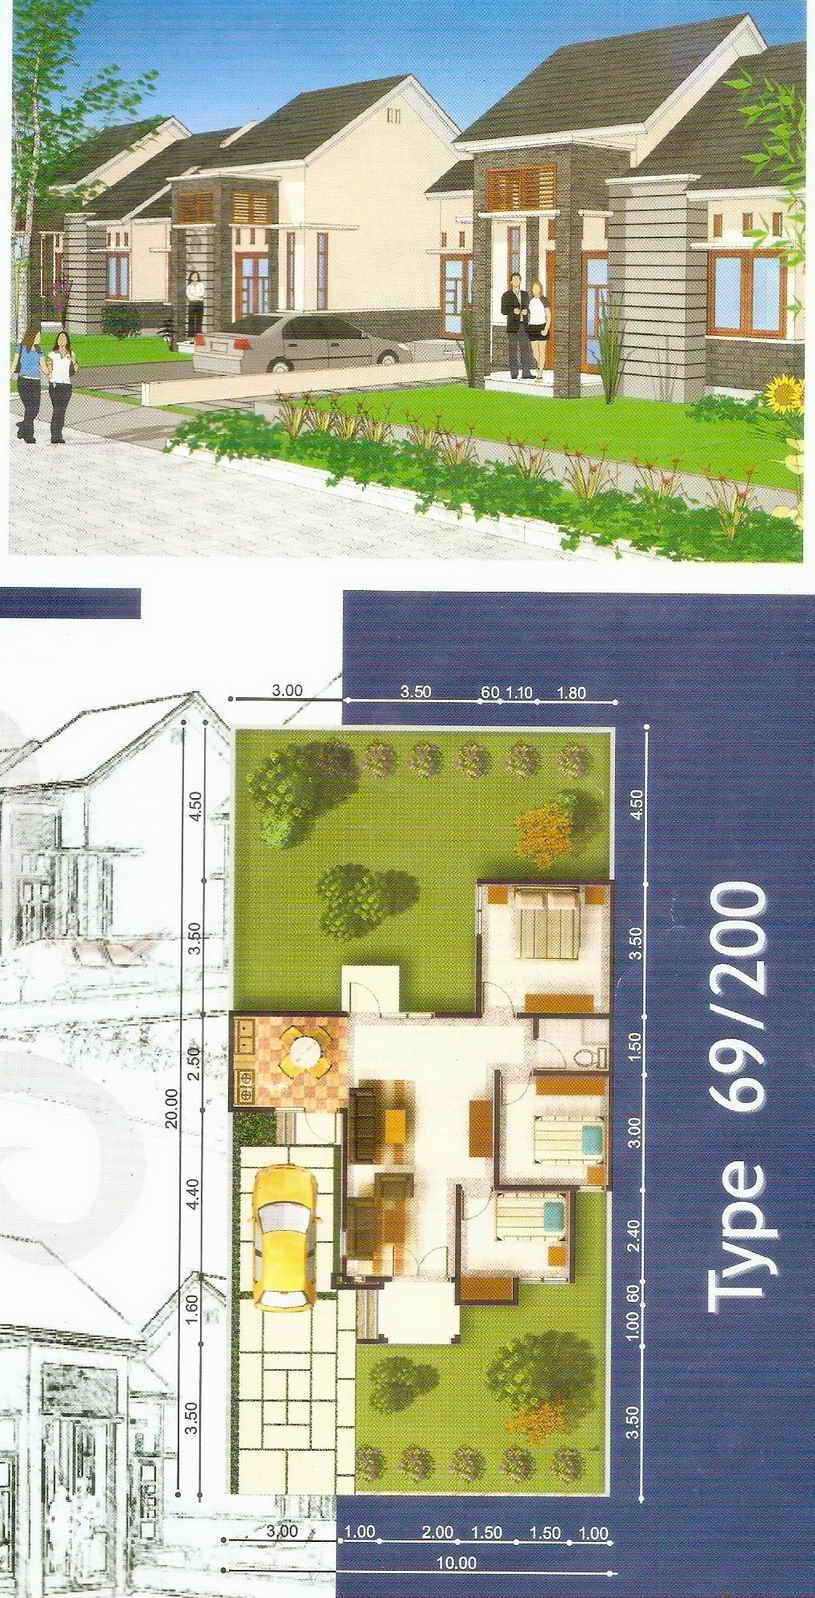 Rumahku 1 Desain Denah Rumah Minimalis Type 54 150 Konsep Desain